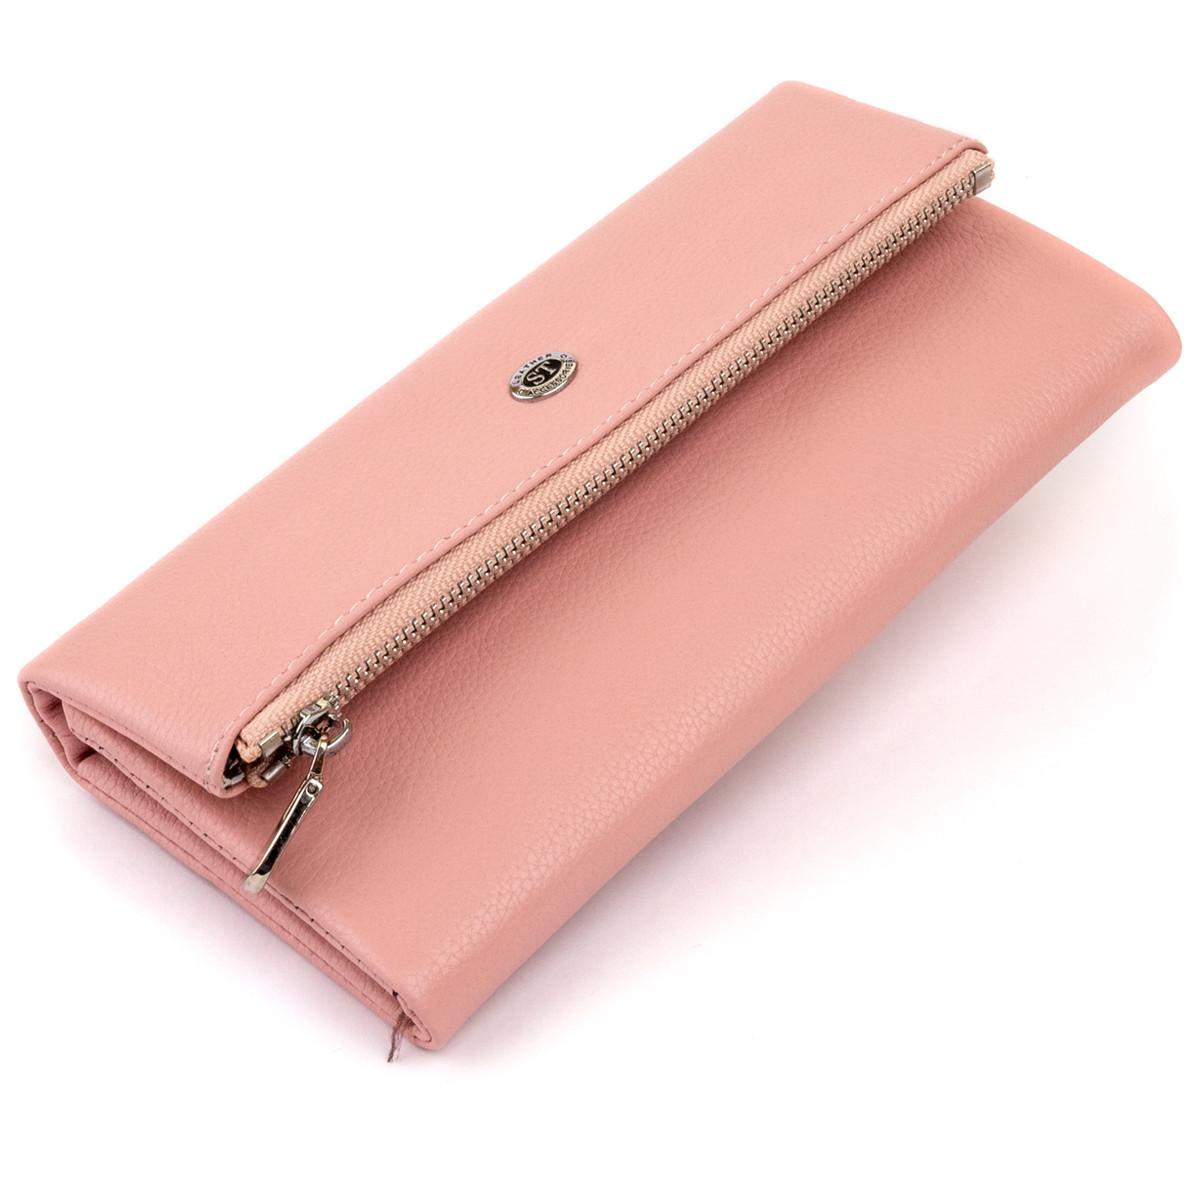 Клатч конверт з кишенею для мобільного шкіряний жіночий ST Leather 19271 Рожевий